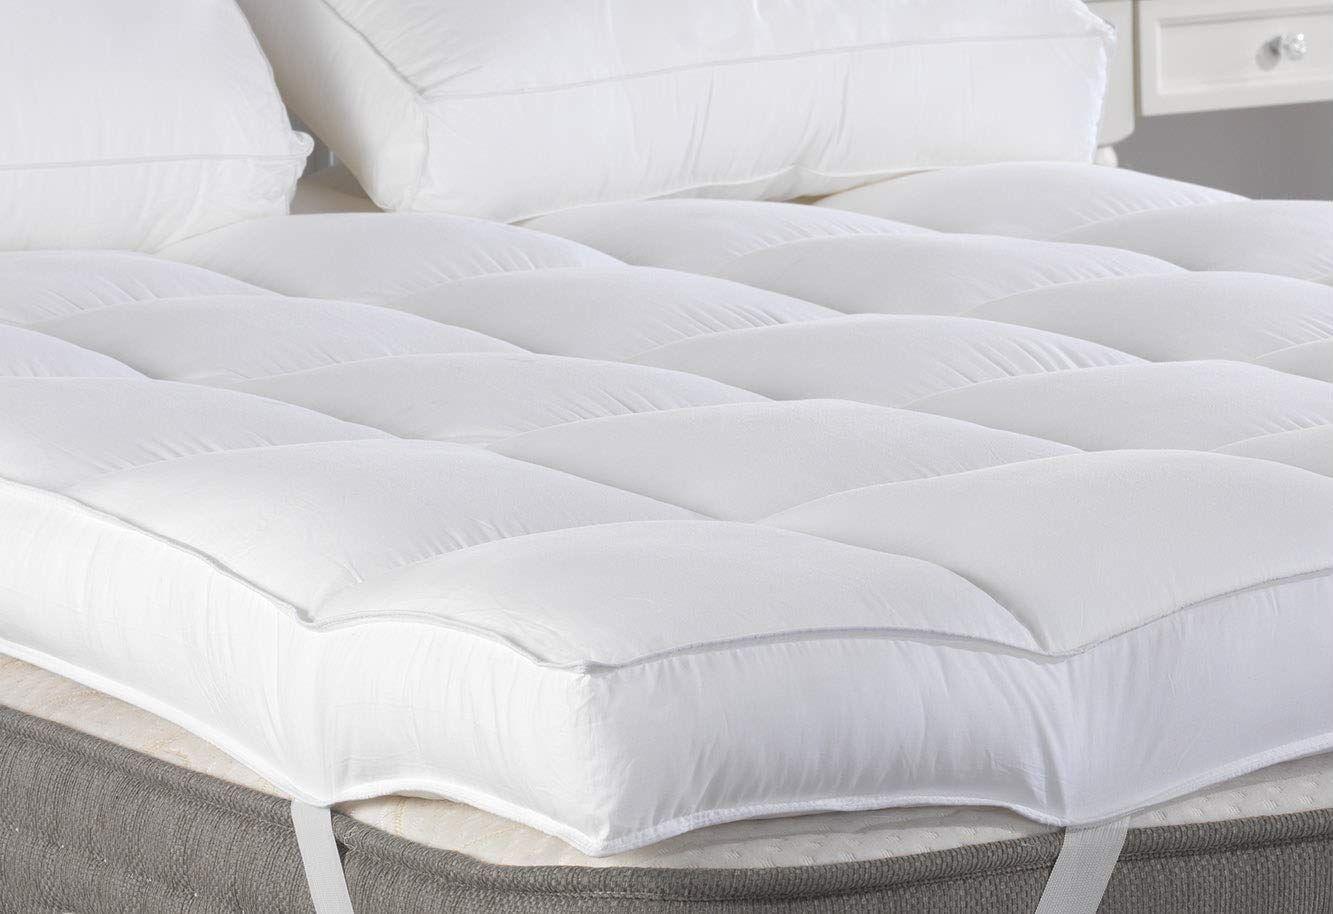 Marine Moon Queen Mattress Topper Plush Pillow Top Mattress Pad